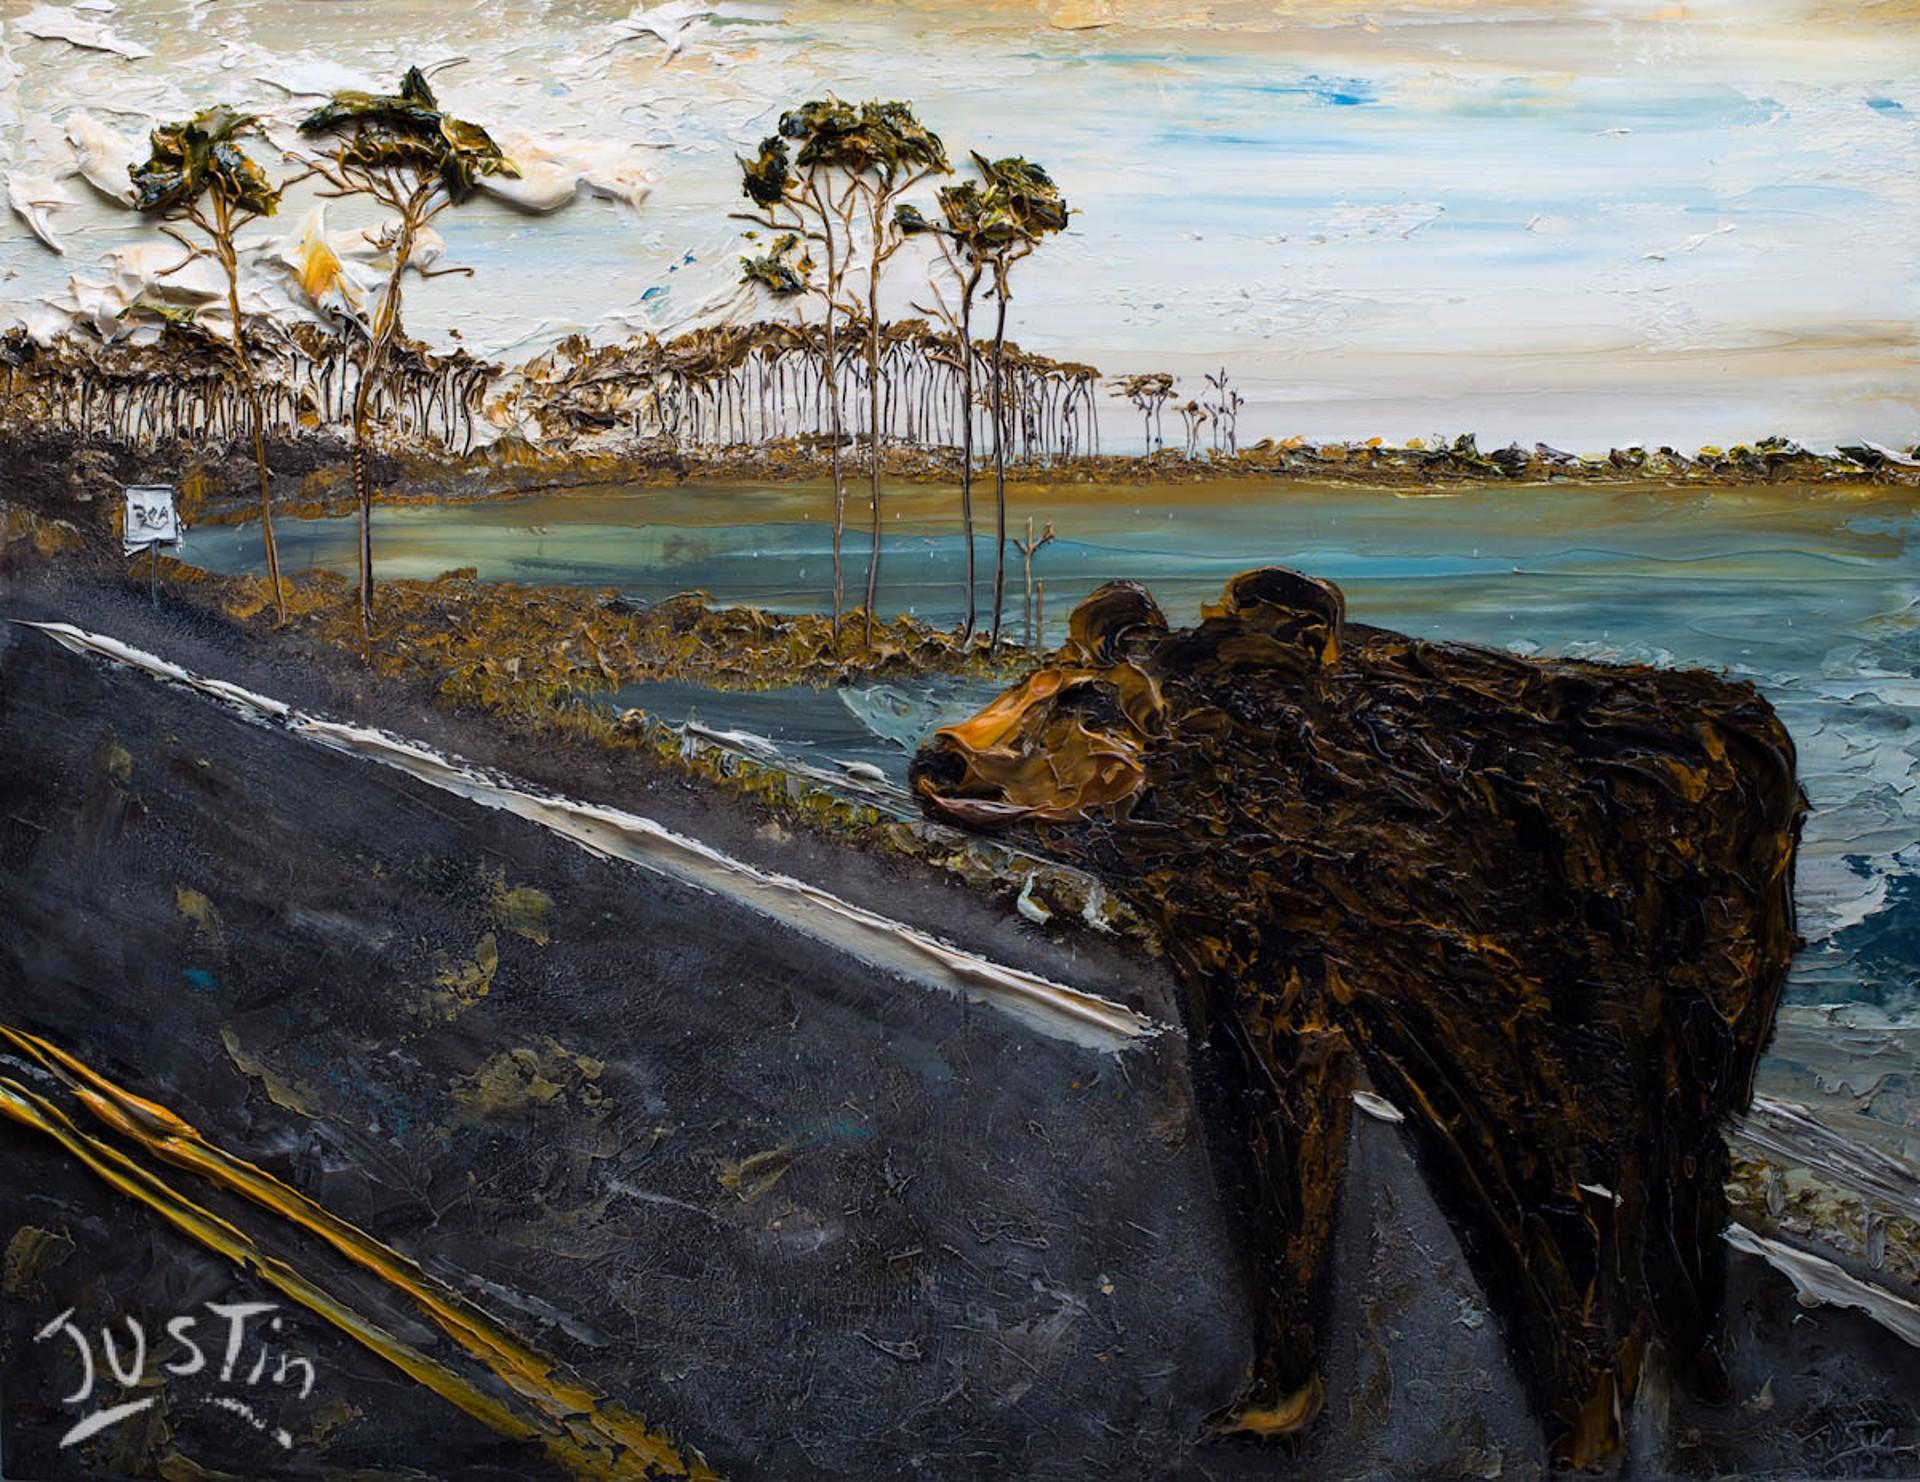 30A BEAR by JUSTIN GAFFREY